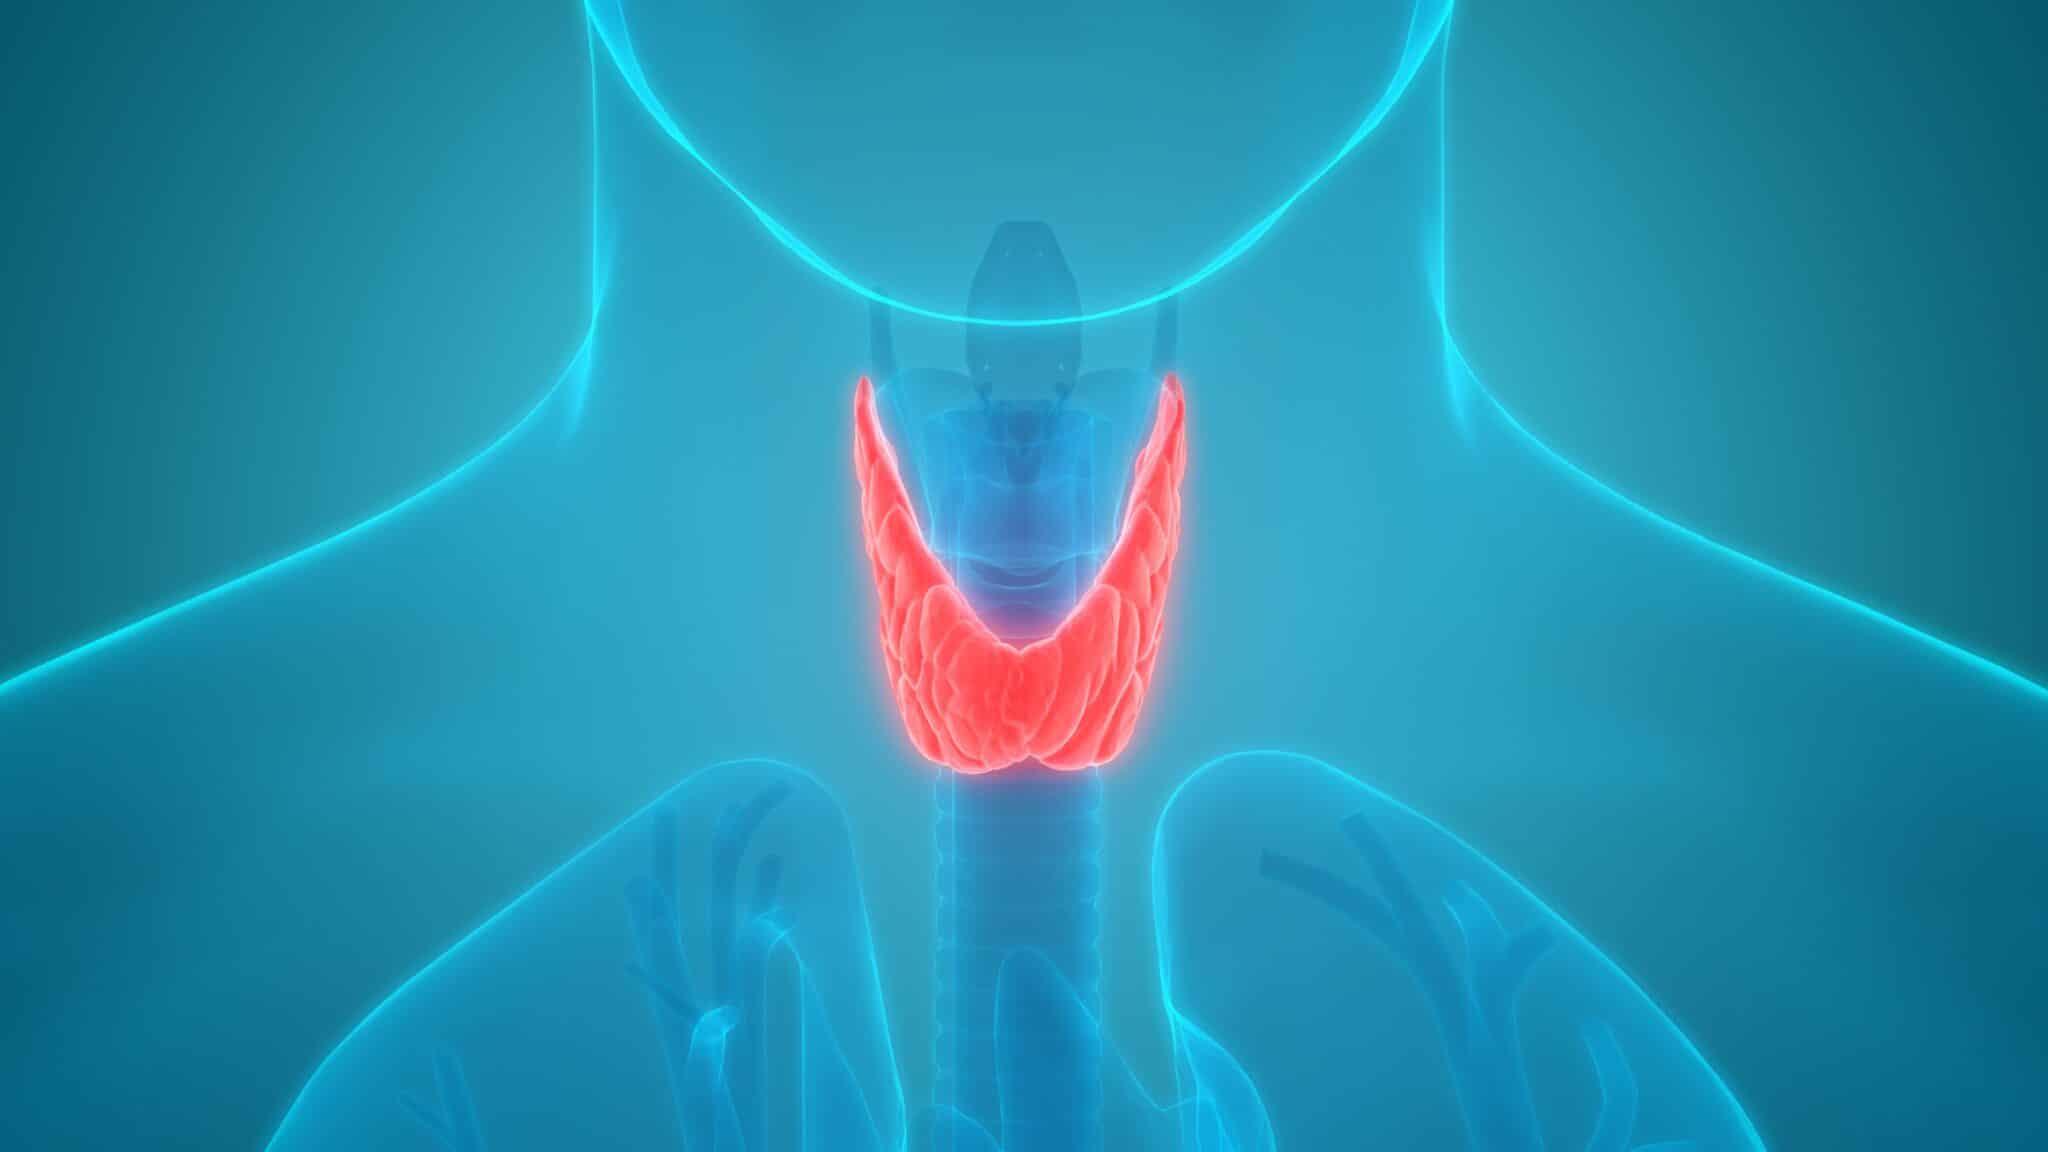 Tiroide: fisiologia, patologia e trattamenti dei disturbi. Credits: Ohga